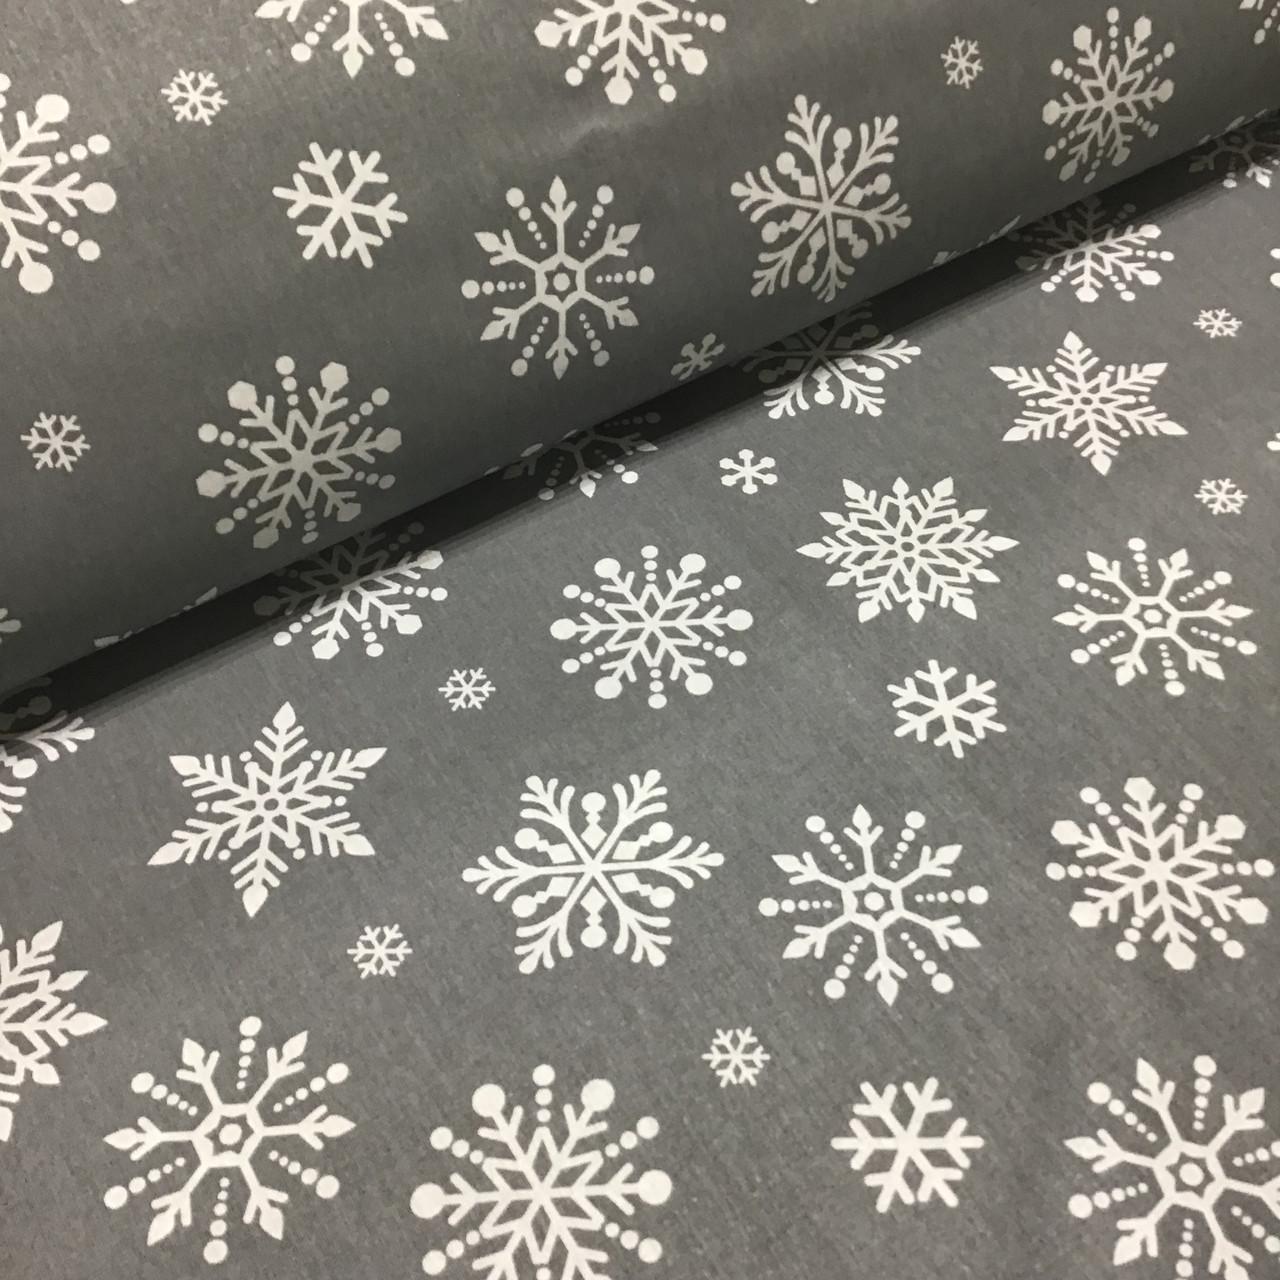 Ткань хлопковая новогодняя, белые крупные снежинки на сером